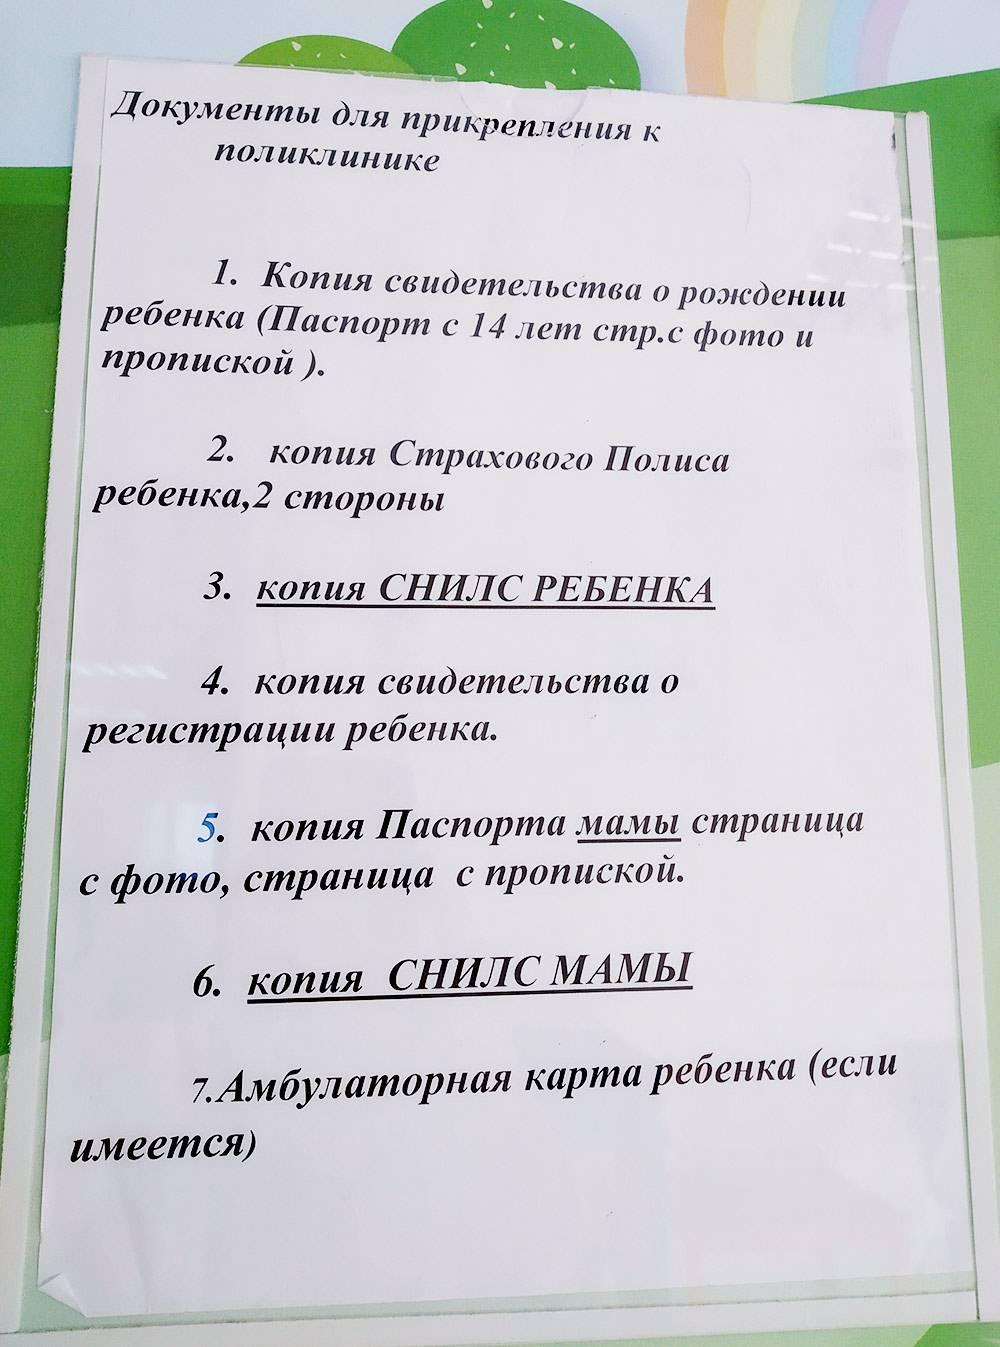 Список документов в одной из поликлиник Московской области. Судя по нему, обычно именно мамы прикрепляют детей к поликлинике. Но копию СНИЛС и паспорта может предоставить тот родитель, который пишет заявление